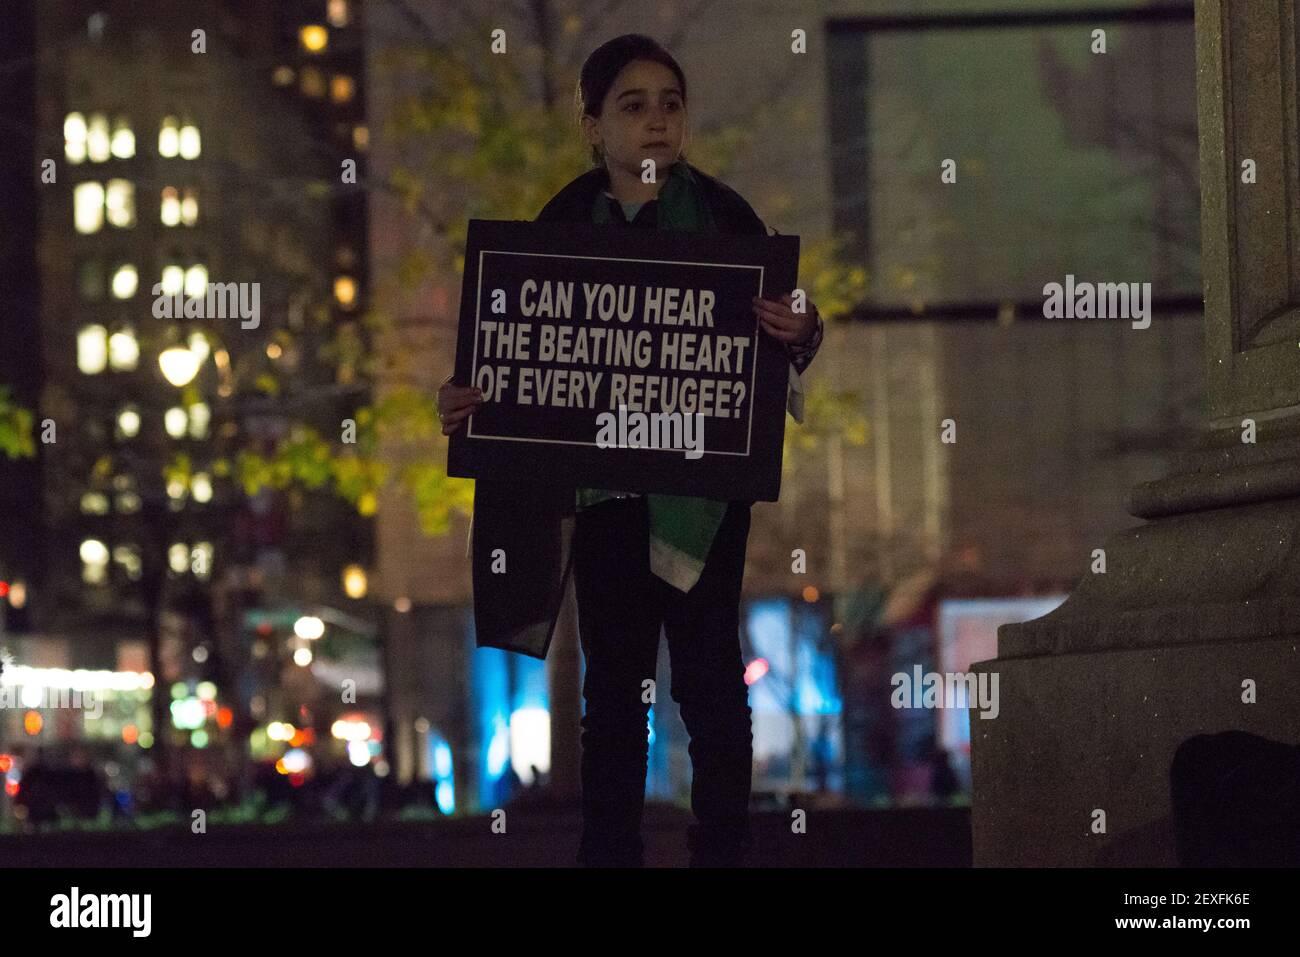 CIUDAD DE NUEVA YORK - 10 DE DICIEMBRE de 2015 - los ADemonstradores tienen señales en la manifestación contra la propuesta de Donald Trump de prohibir el asilo para los inmigrantes musulmanes. En el día Internacional de los Derechos Humanos, activistas organizados por el grupo MENA Solidarity organizaron una manifestación de hora punta en Columbus Circle en Manhattan para denunciar las restricciones propuestas a los musulmanes estadounidenses por el candidato presidencial republicano Donald Trump y para mostrar apoyo a los refugiados sirios que ahora llegan a los Estados Unidos. (Foto de Albin Lohr-Jones / Pacific Press) *** por favor use crédito del campo de crédito *** Foto de stock